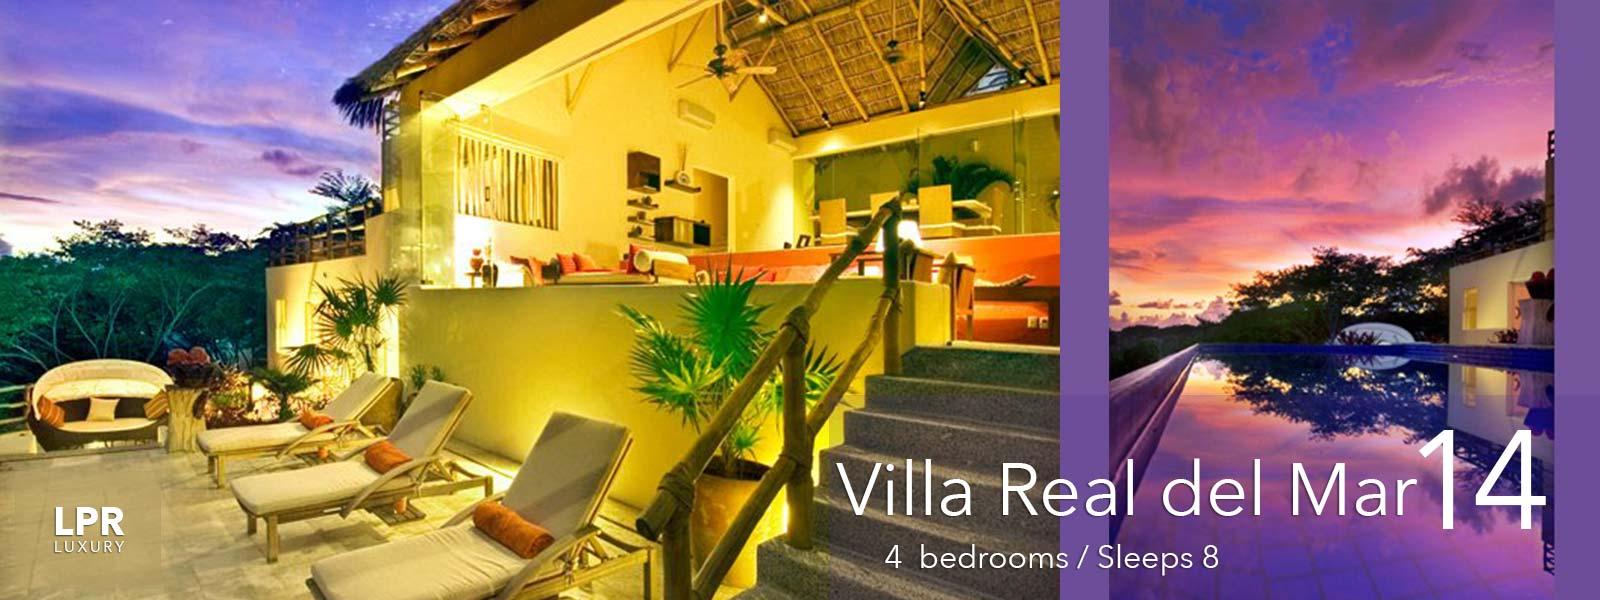 Villa Real del Mar 14 - Luxury vacation rental villa for rent and sale in Punta de Mita.